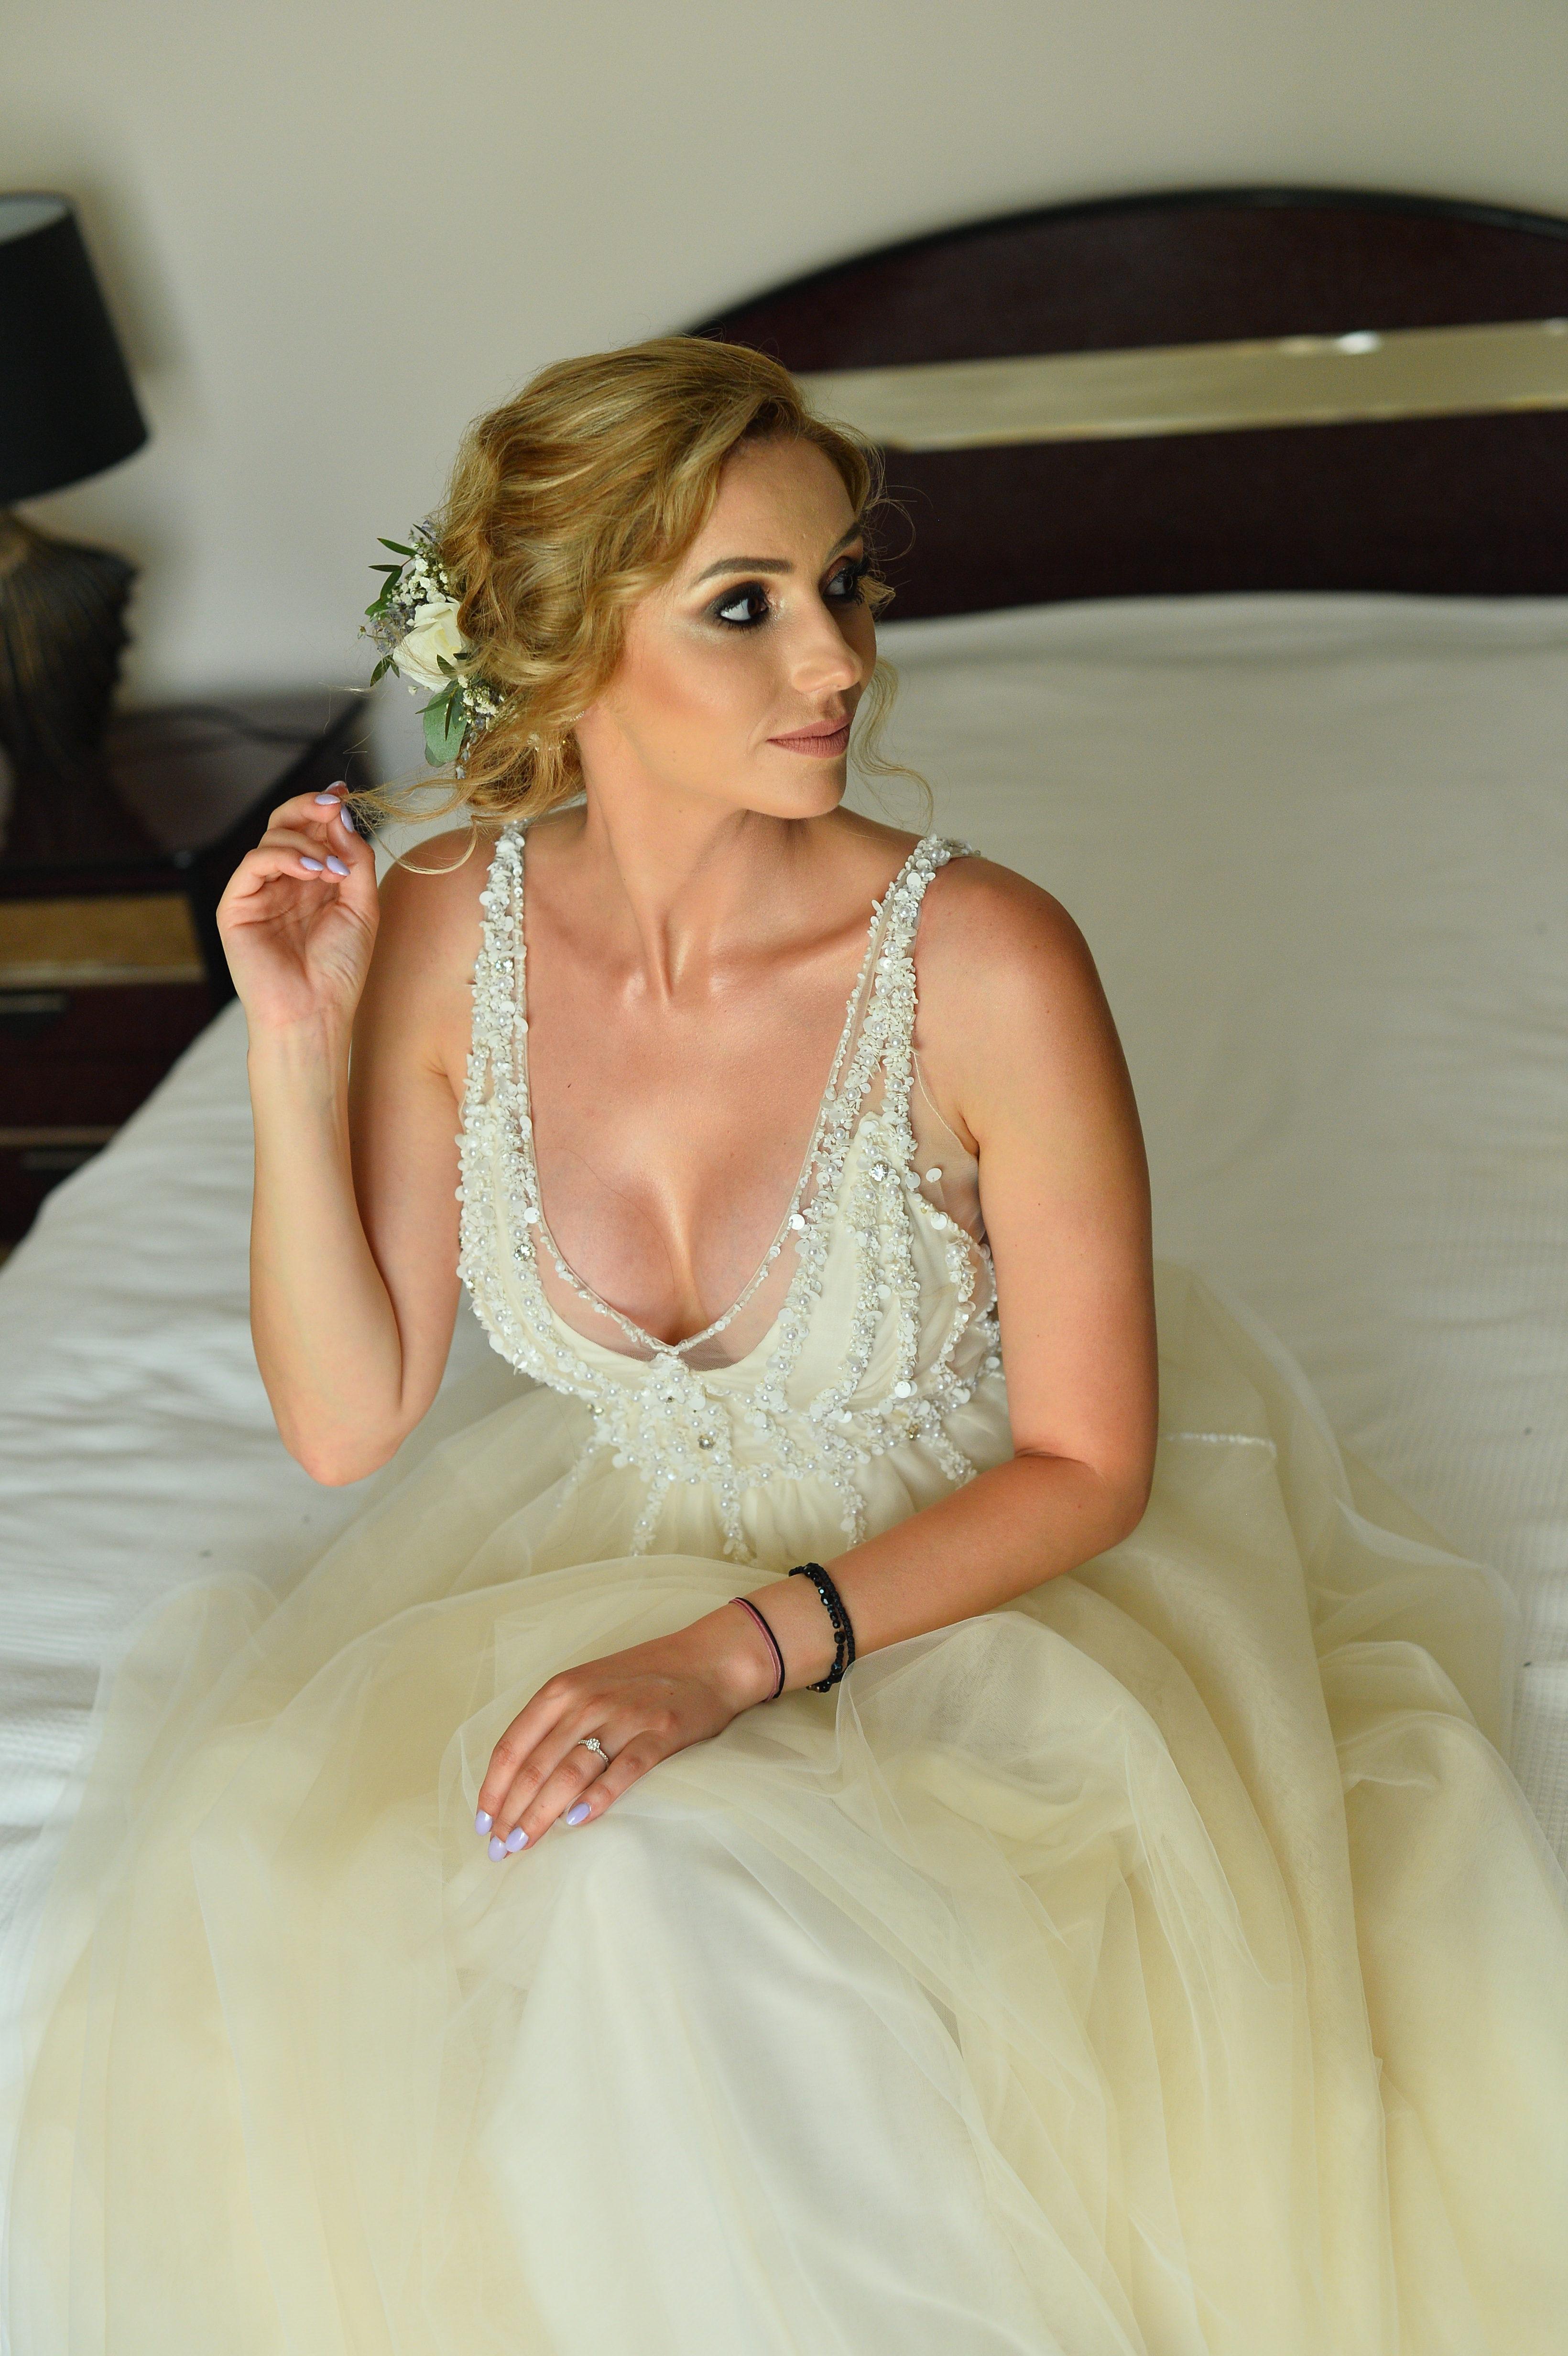 Rochie de mireasa semnata de designerul Oana Nutu Model Adelaida 2018 Couture Dress